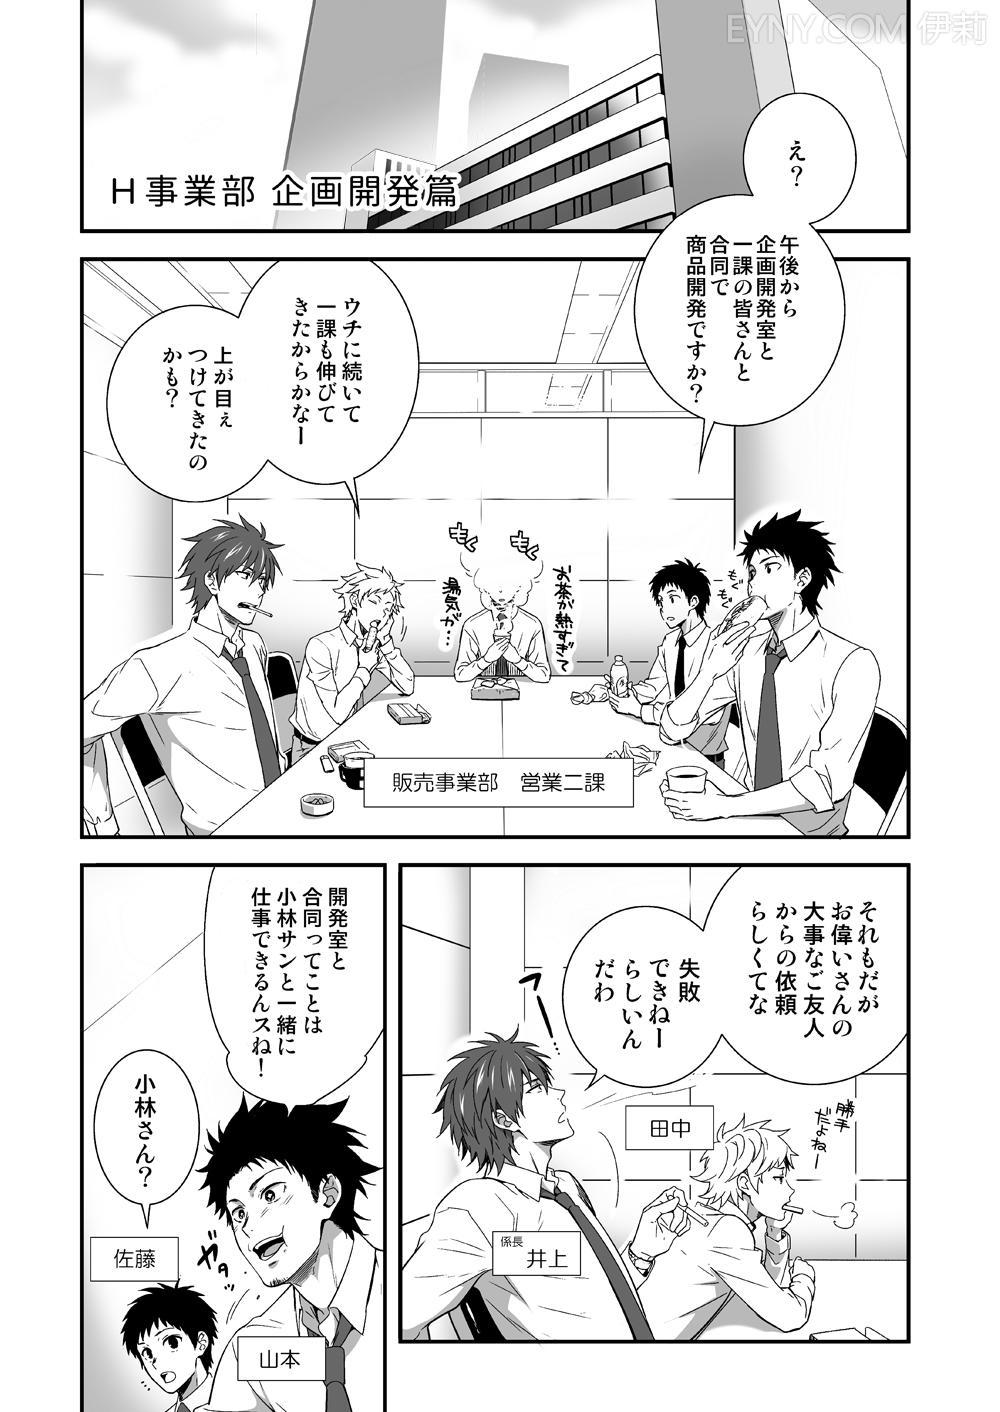 h_jigyoubu_kikaku_kaihatsu_hen_01